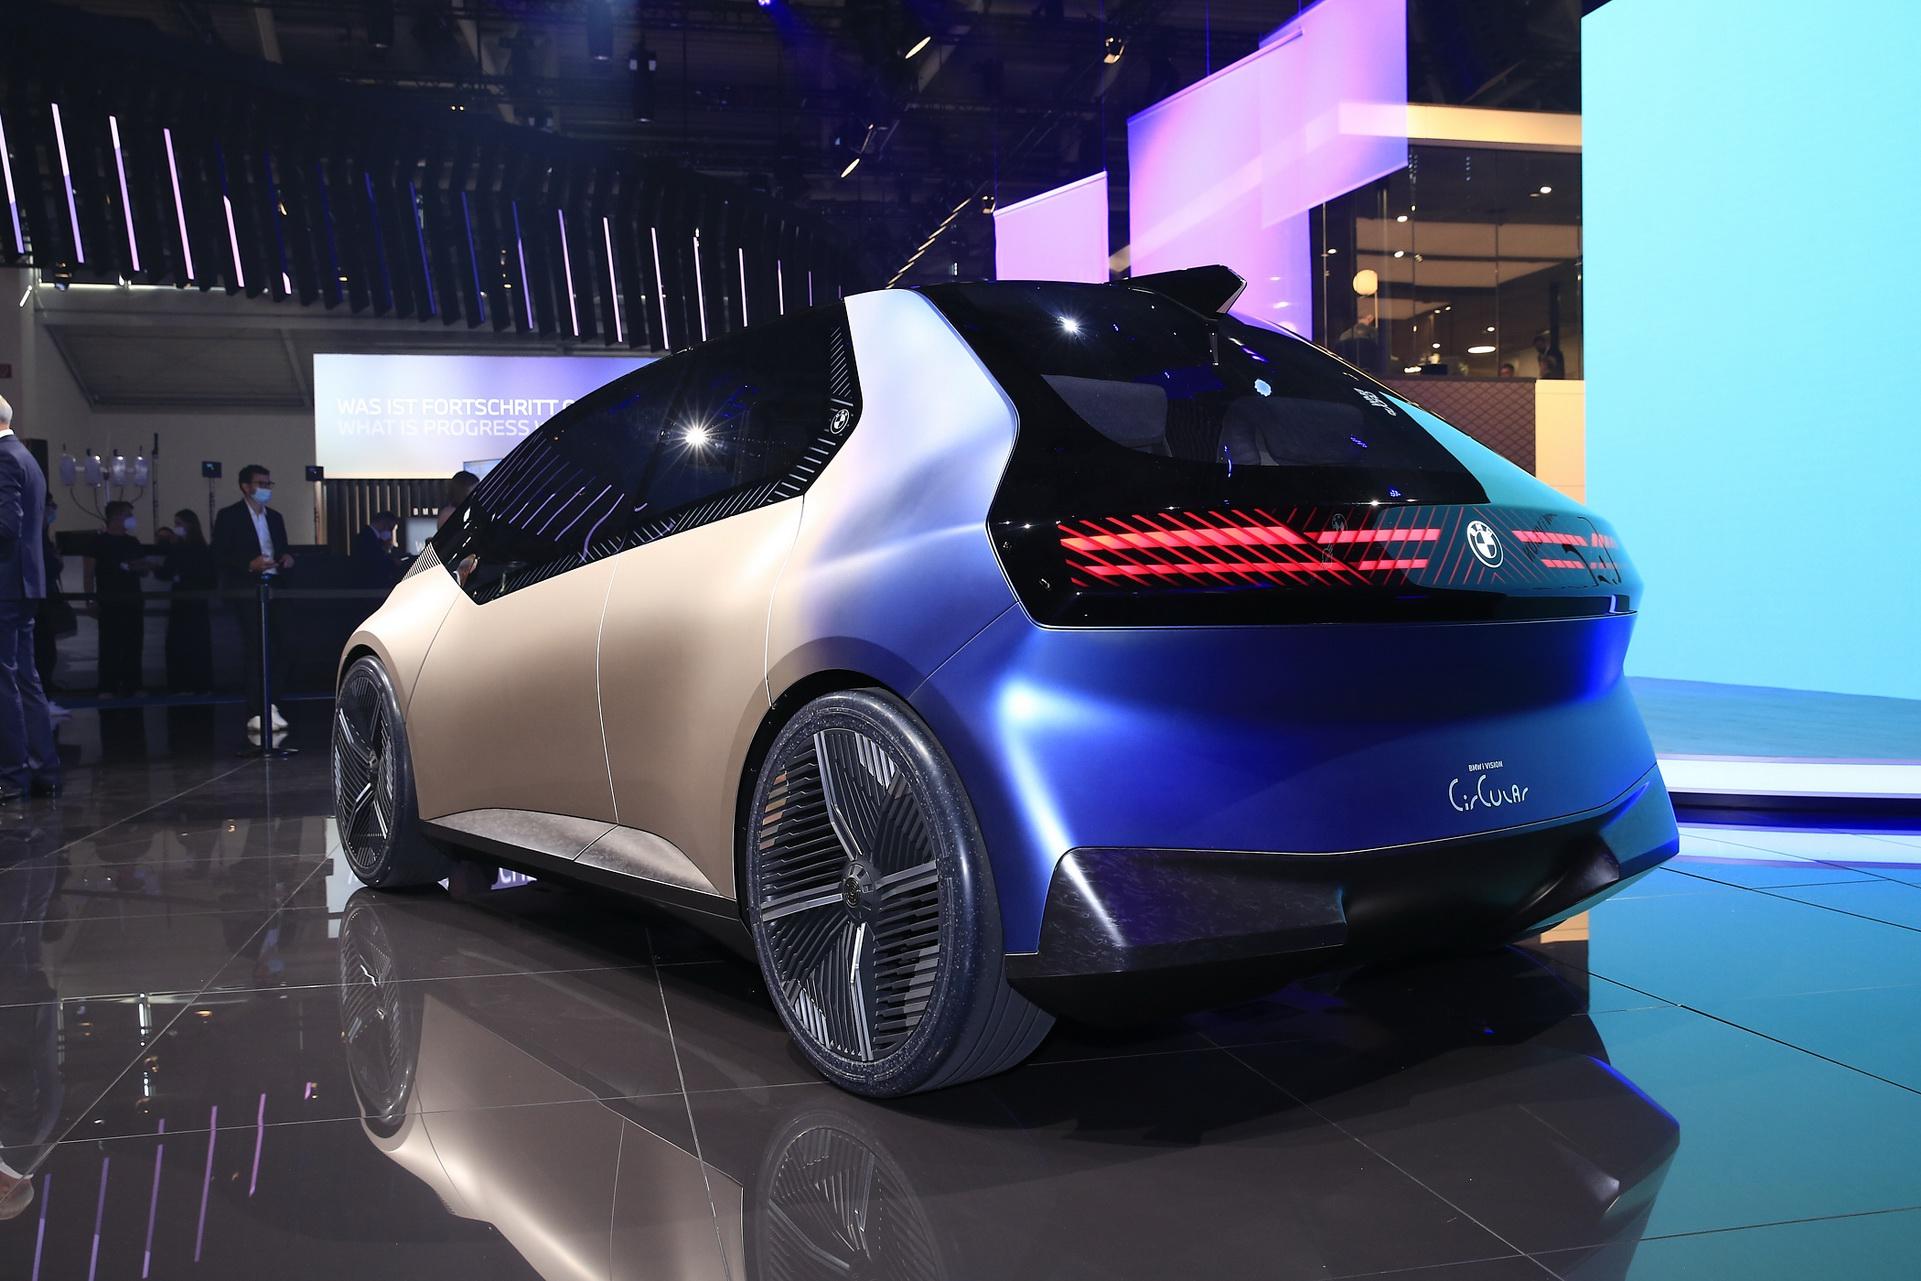 Quên Kia Morning, Hyundai Grand i10 đi, đây sẽ là mẫu xe đi phố của 20 năm sau - Ảnh 4.